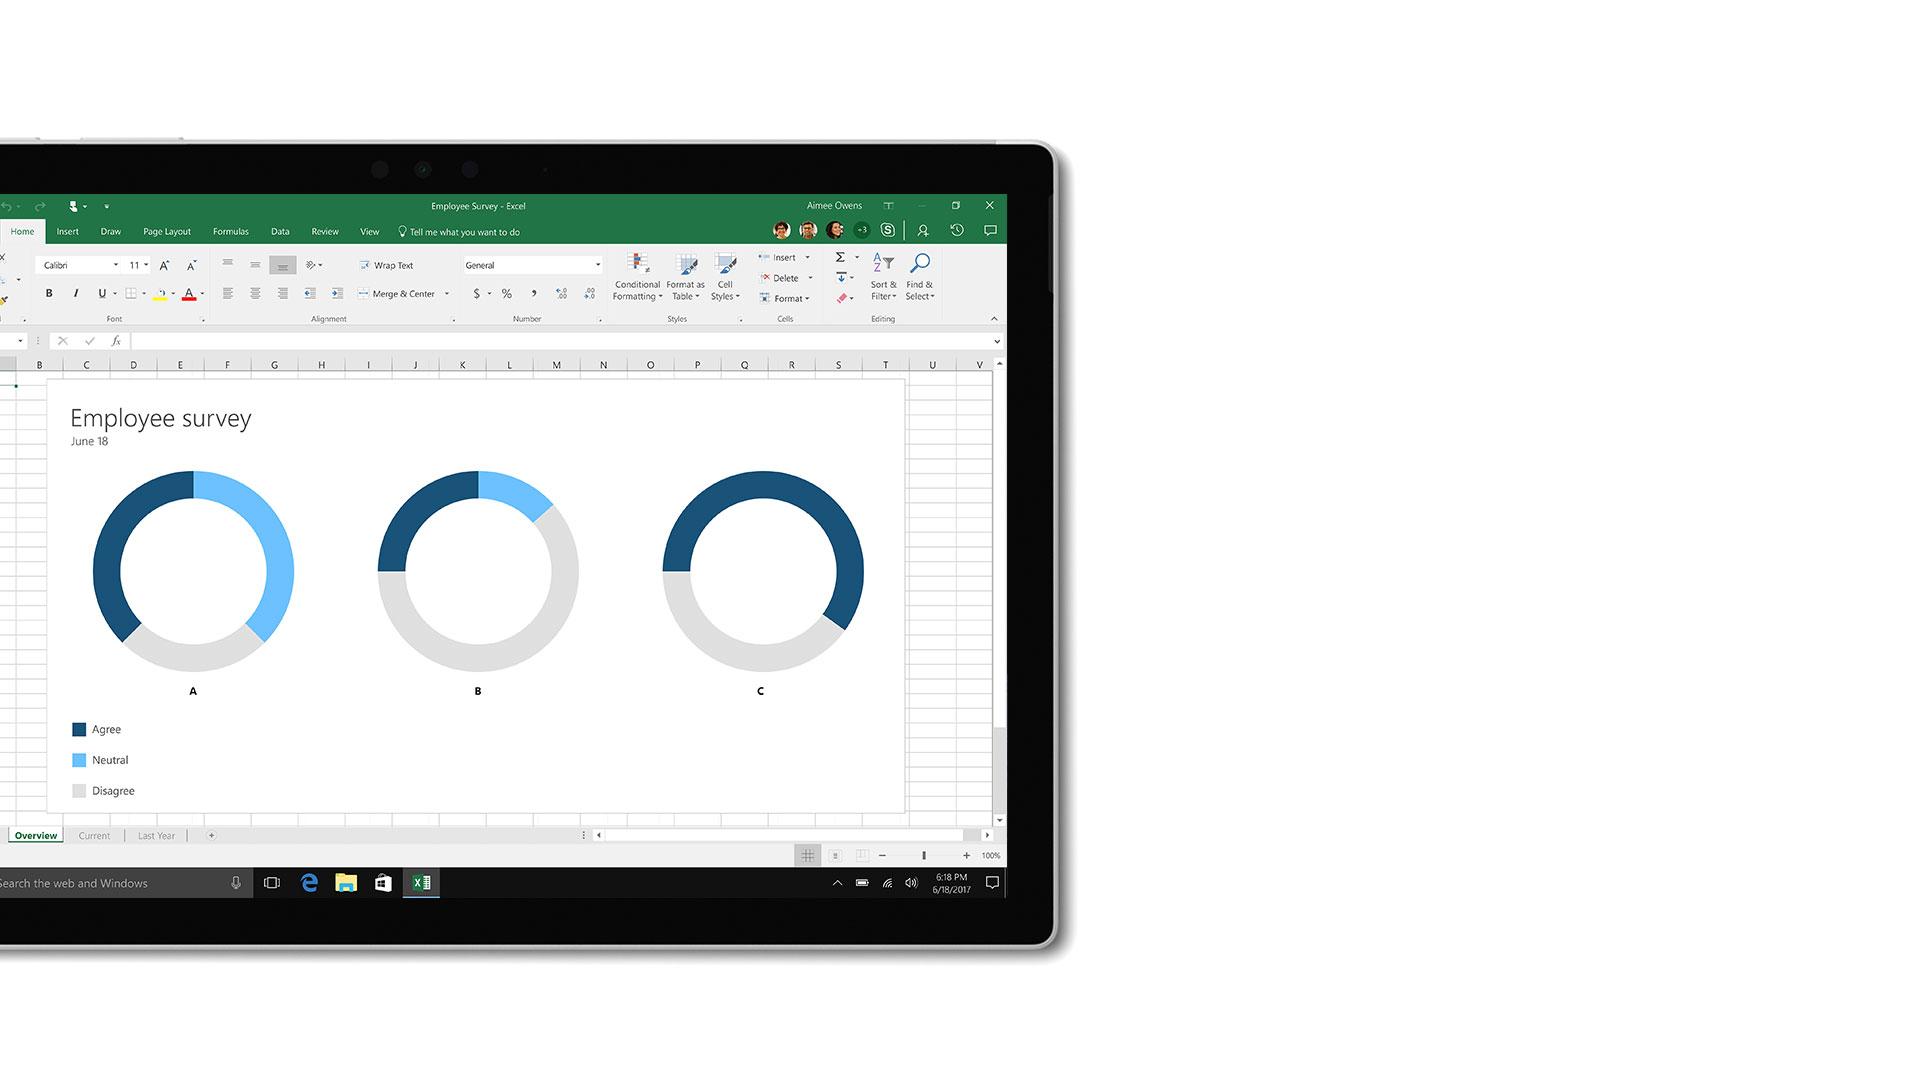 Imagen de la interfaz de usuario de Microsoft Excel